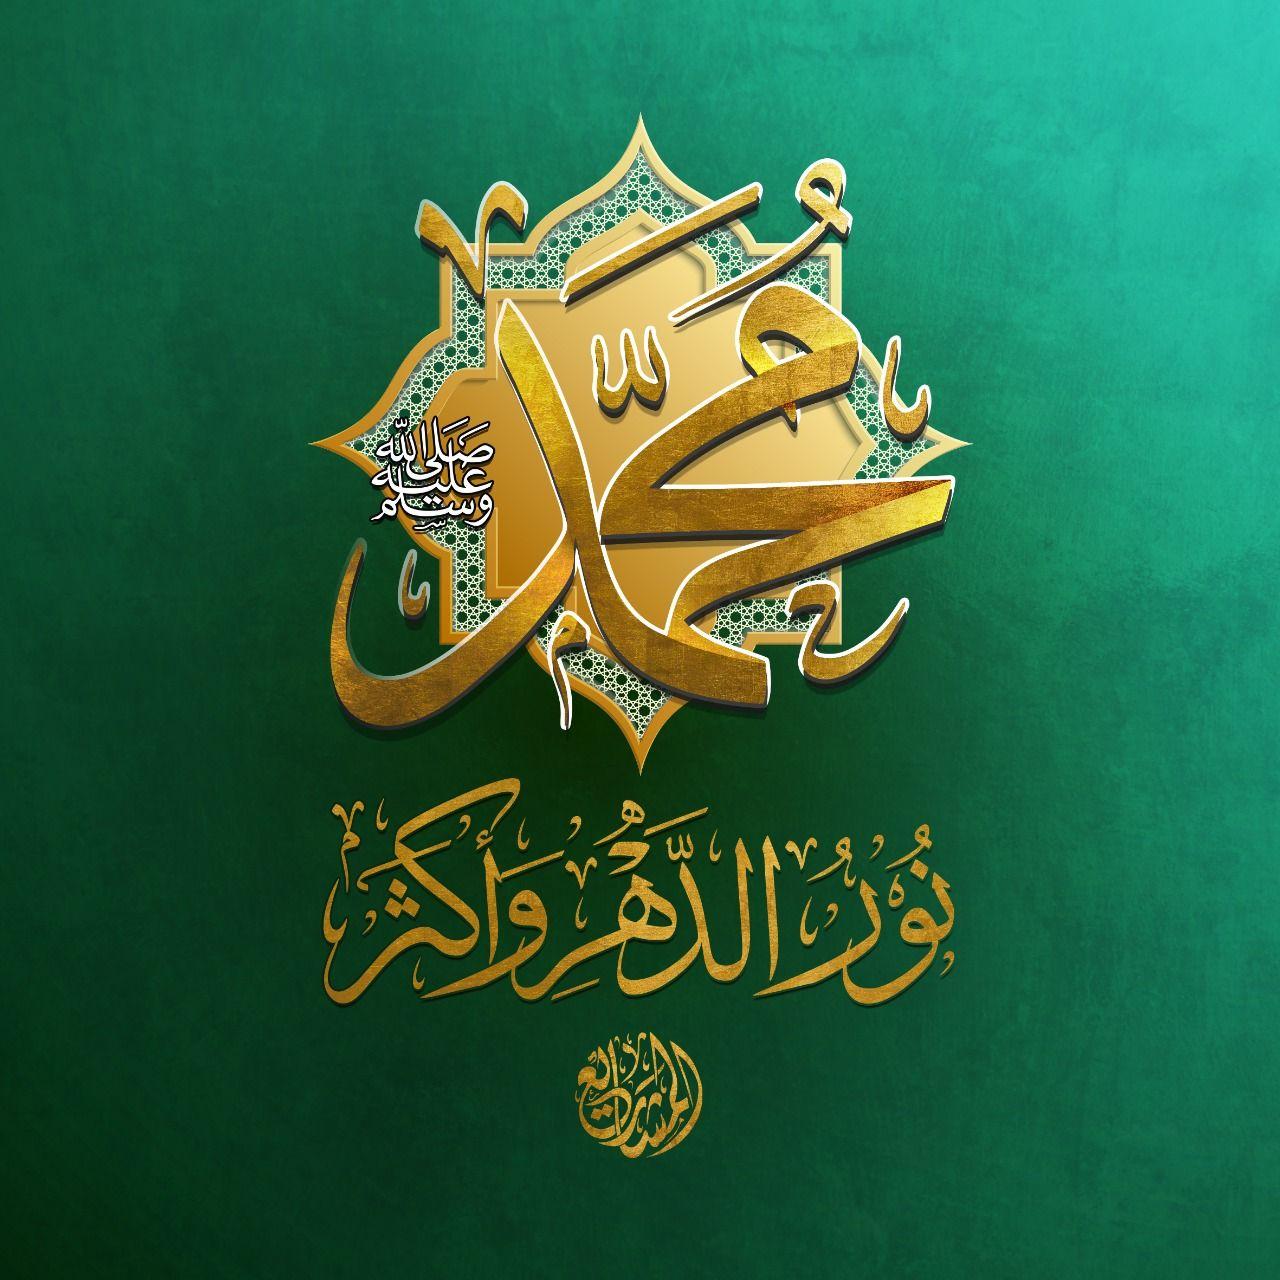 شعار ذكرى المولد الن بوي الش ريف العام ١٤٤٠ للهجرة Islamic Art Calligraphy Islamic Calligraphy Arabic Calligraphy Art